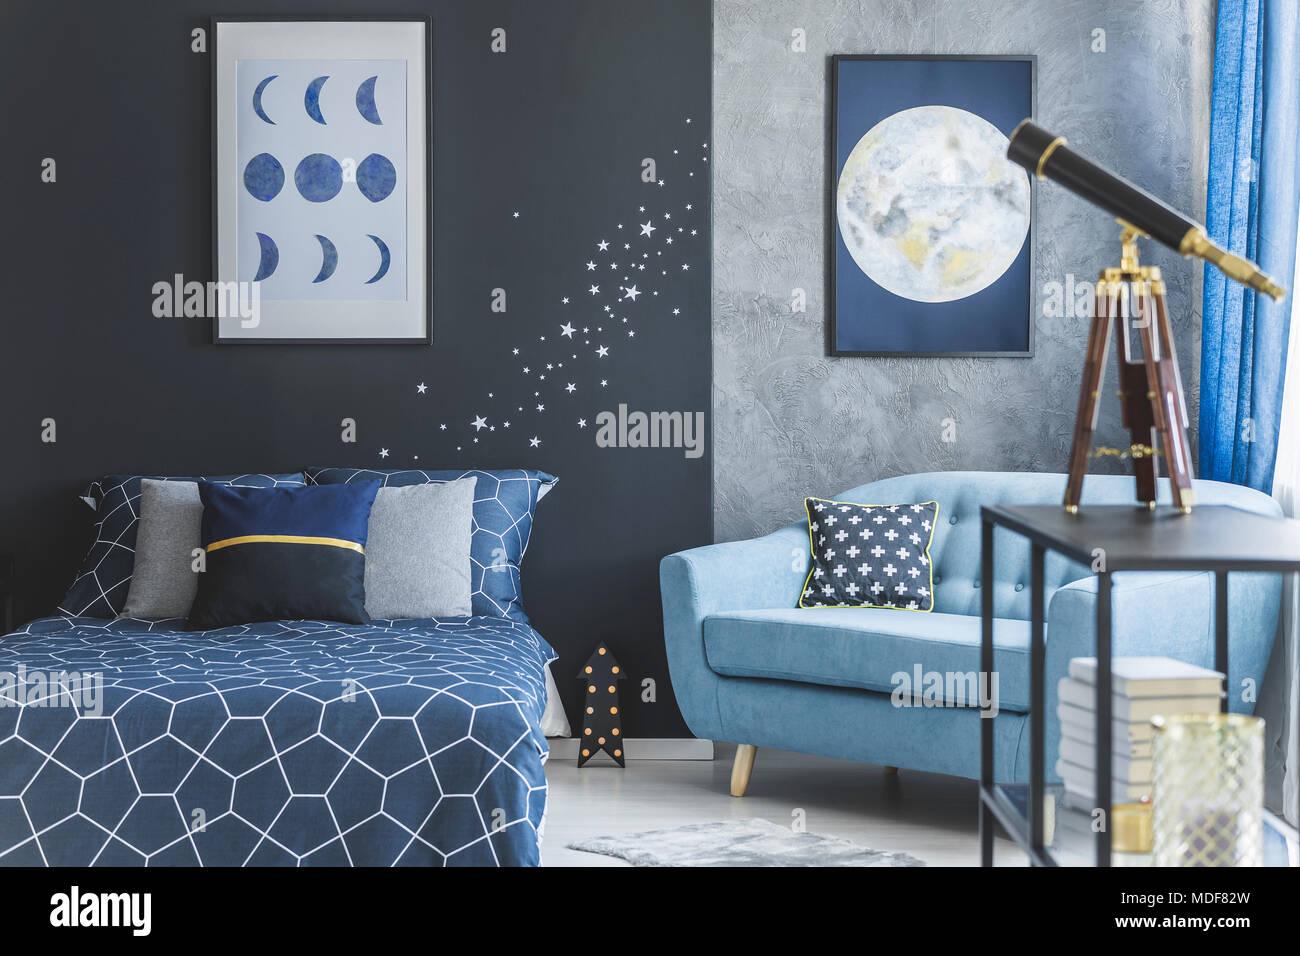 Camere Da Letto Turchese : Poltrona turchese vicino al letto contro blu navy parete nella